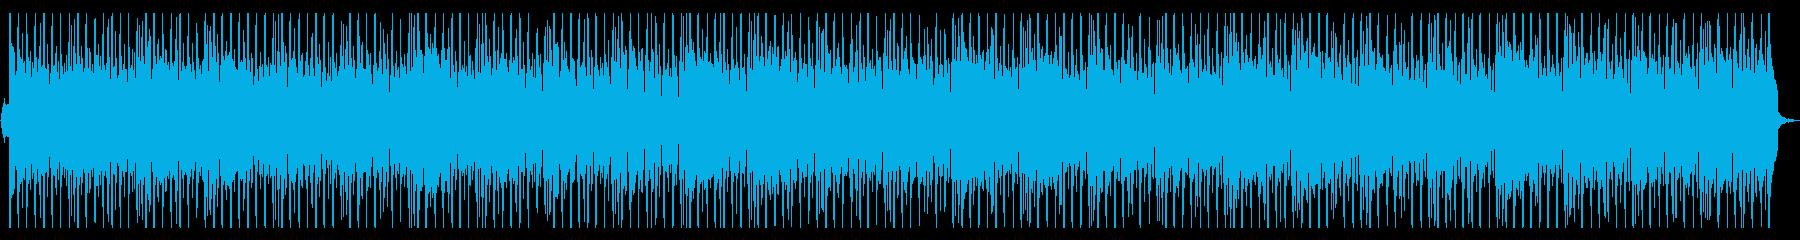 やさしいフルートの切ないポップスビート2の再生済みの波形